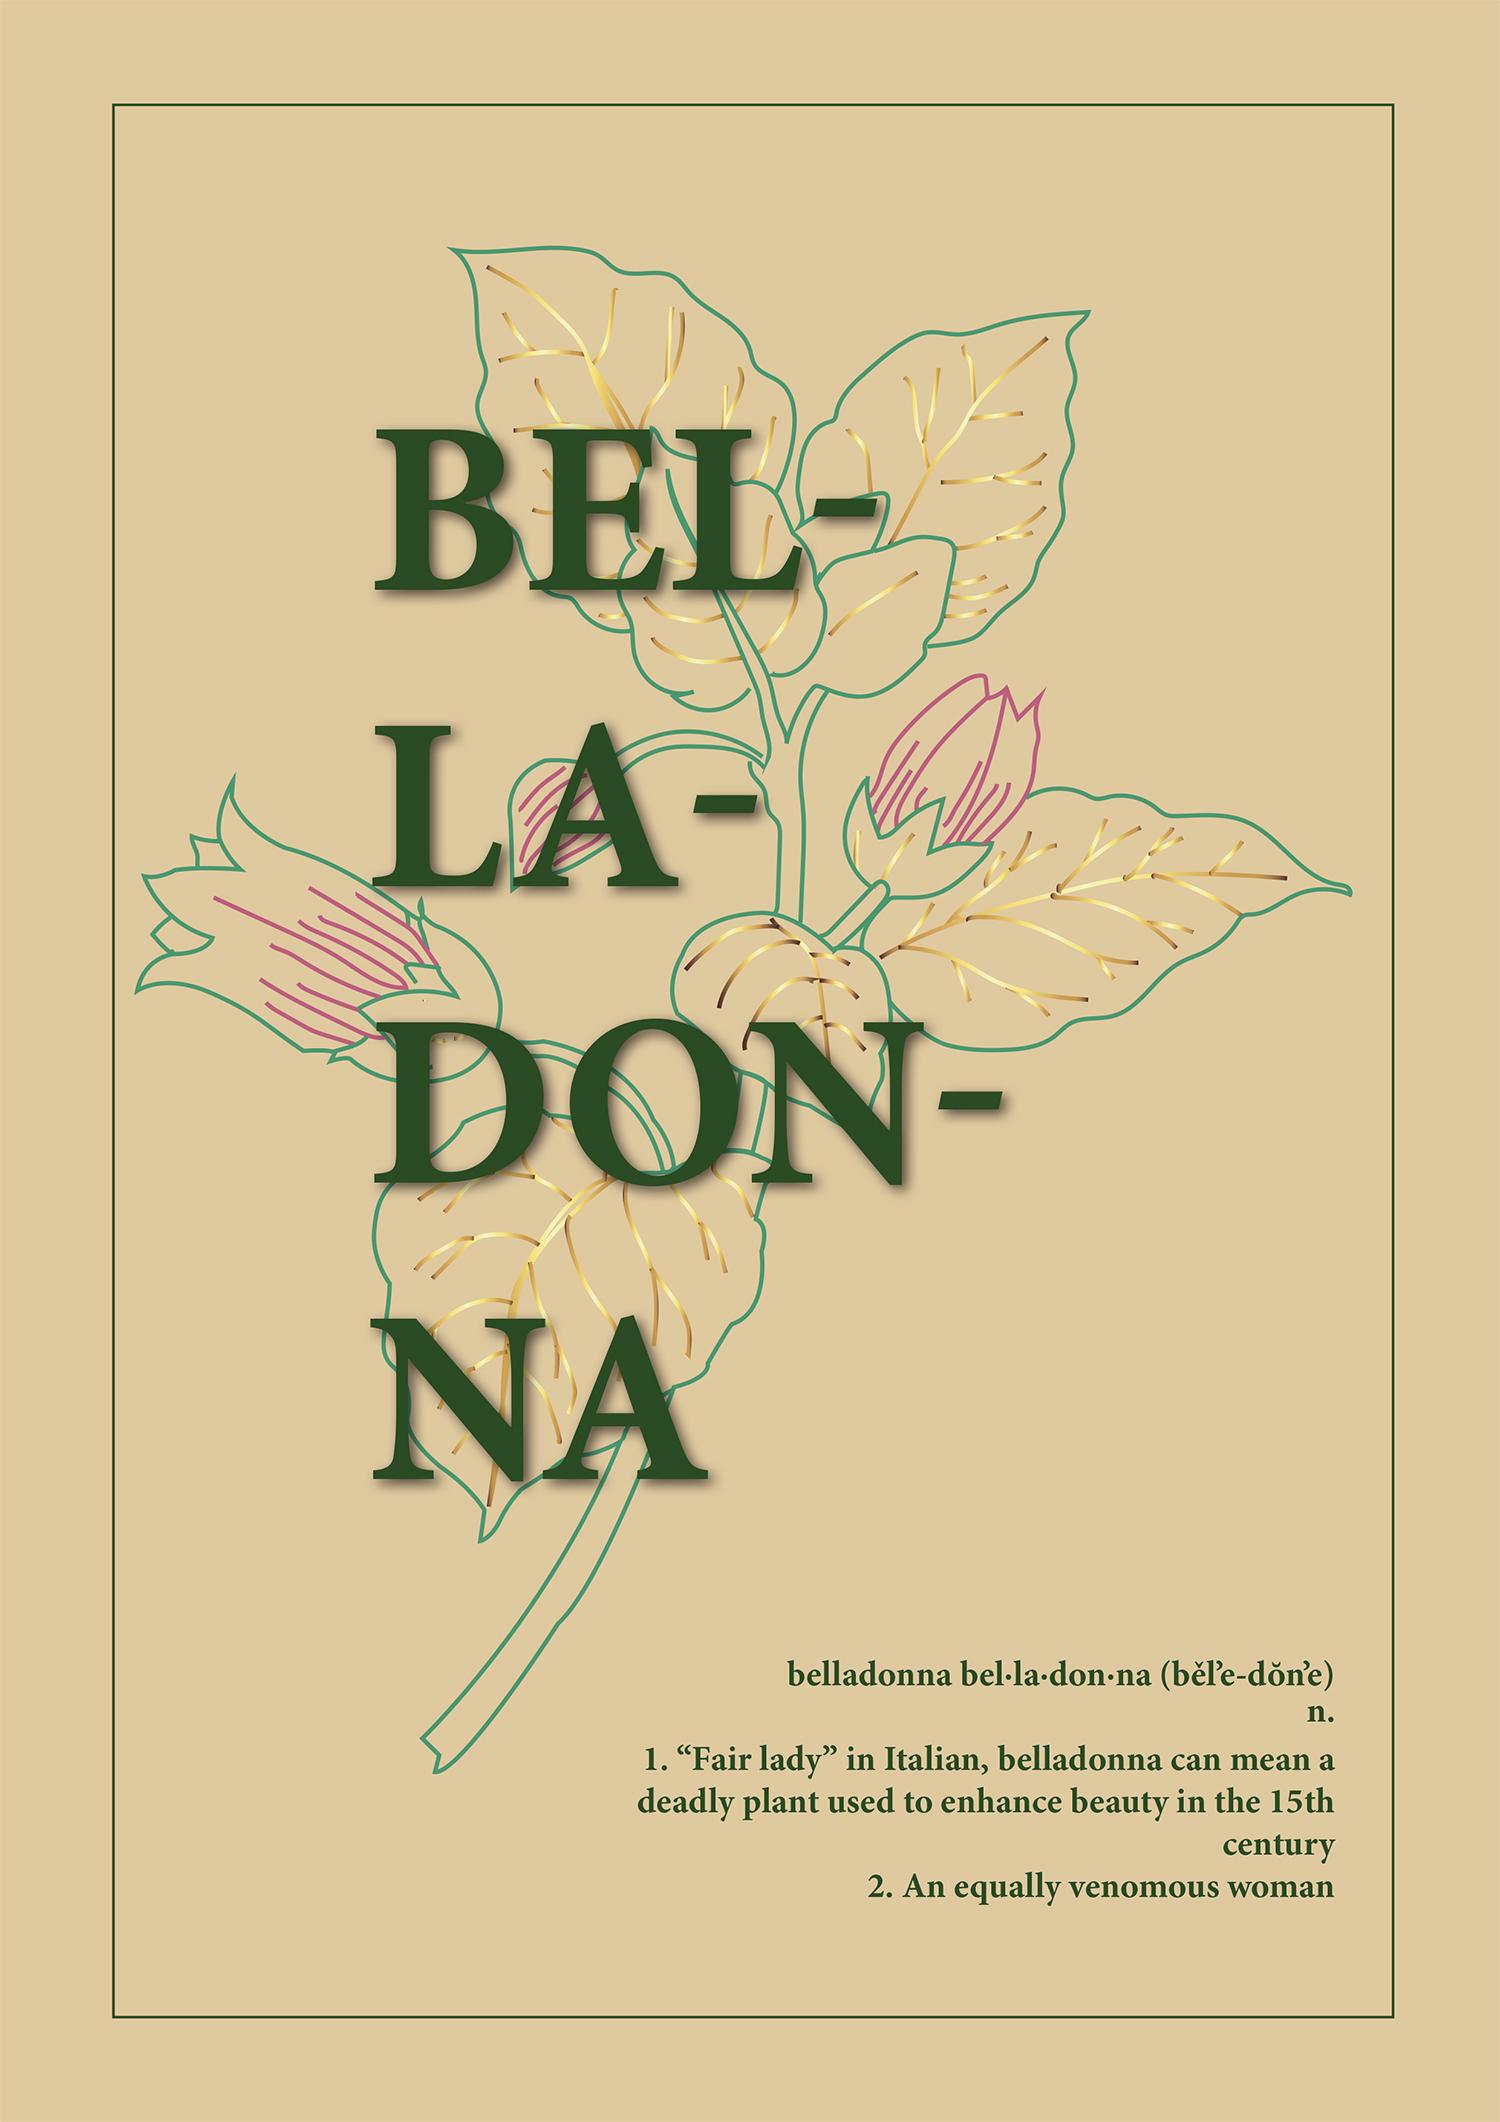 belladonna magazine-1.jpg